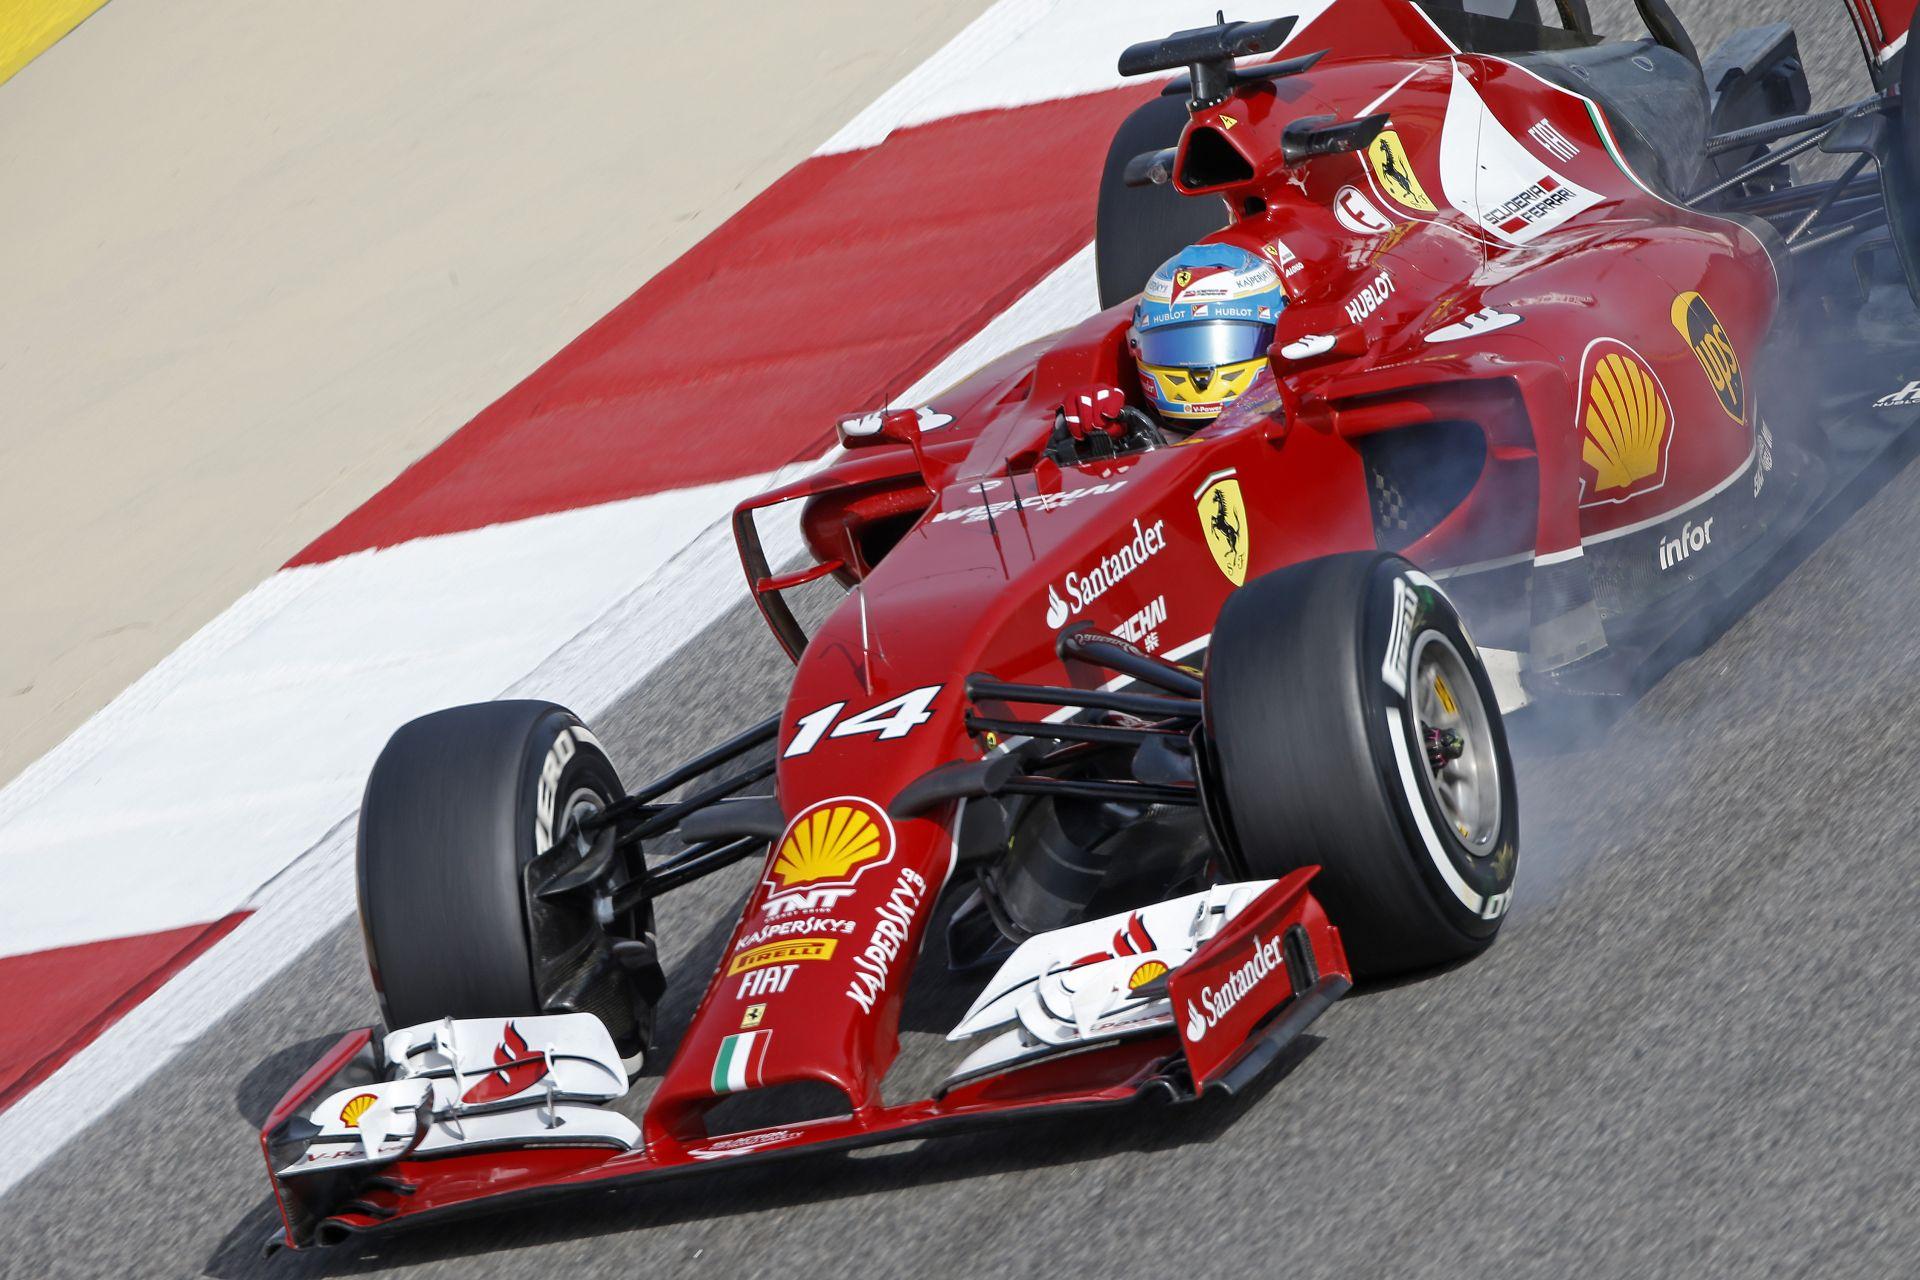 Újabb rossz hír a Ferrari számára: Idő előtt véget ért Alonso tesztnapja Bahreinben